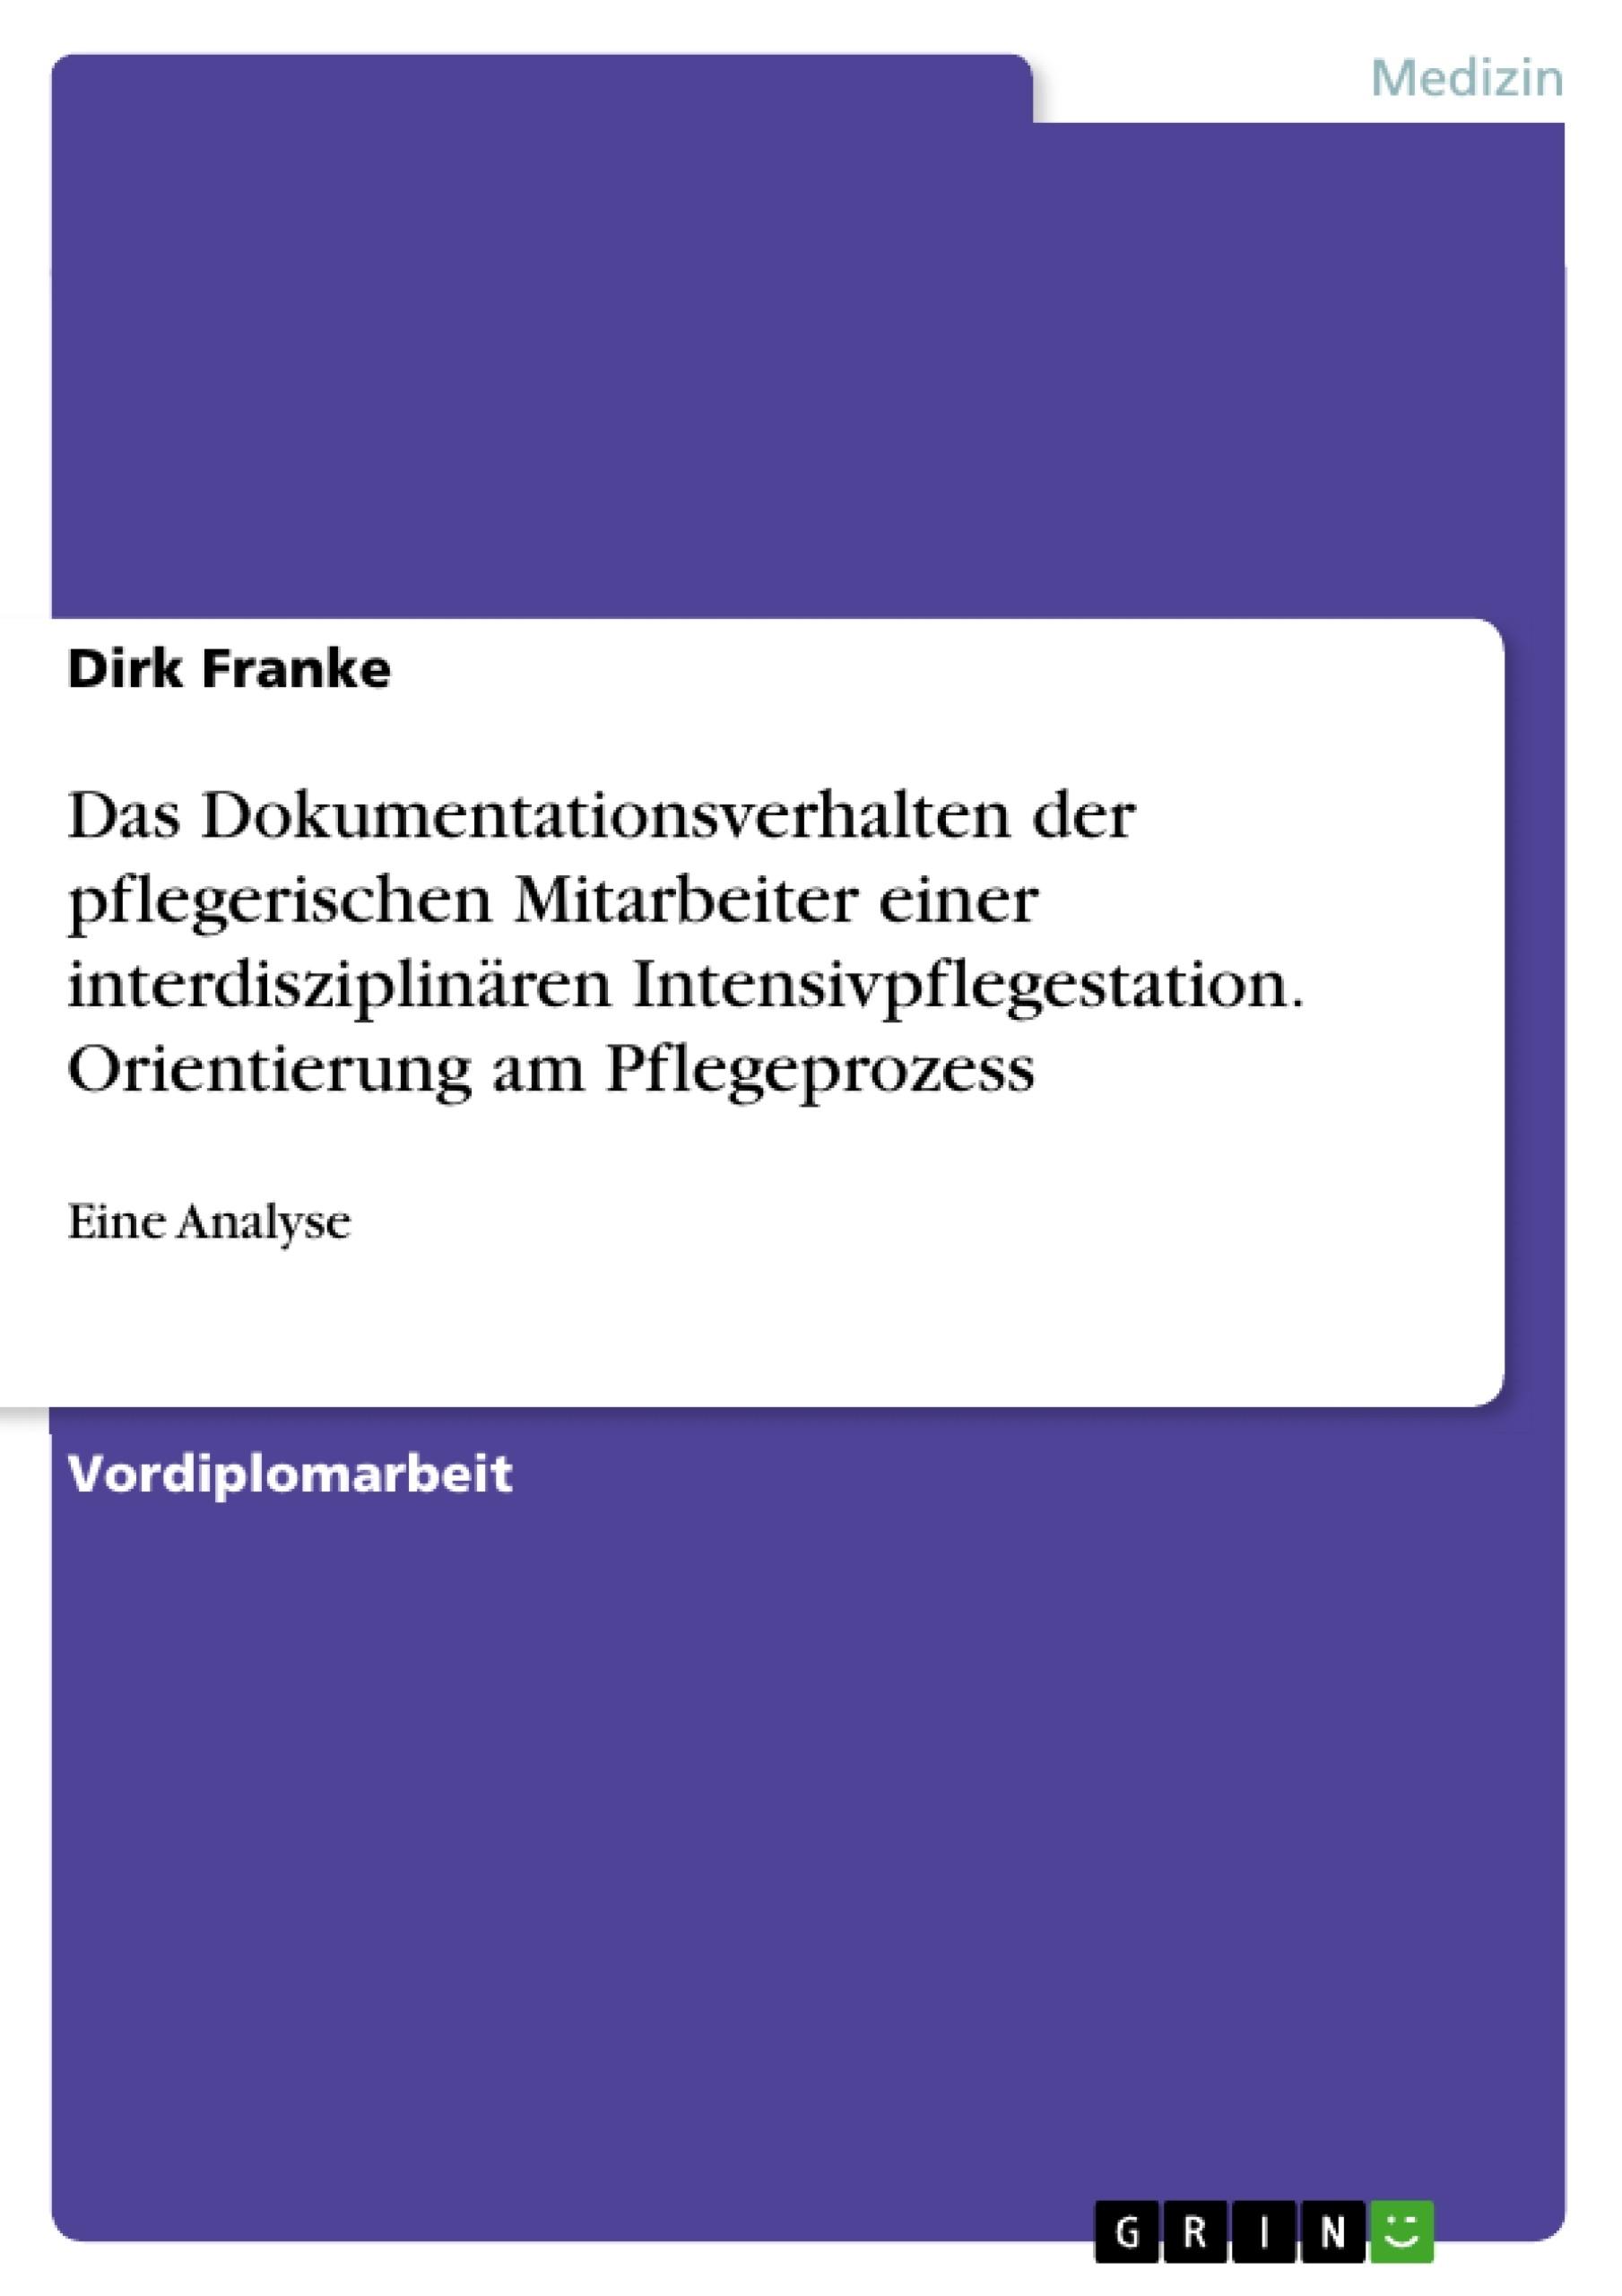 Titel: Das Dokumentationsverhalten der pflegerischen Mitarbeiter einer interdisziplinären Intensivpflegestation. Orientierung am Pflegeprozess